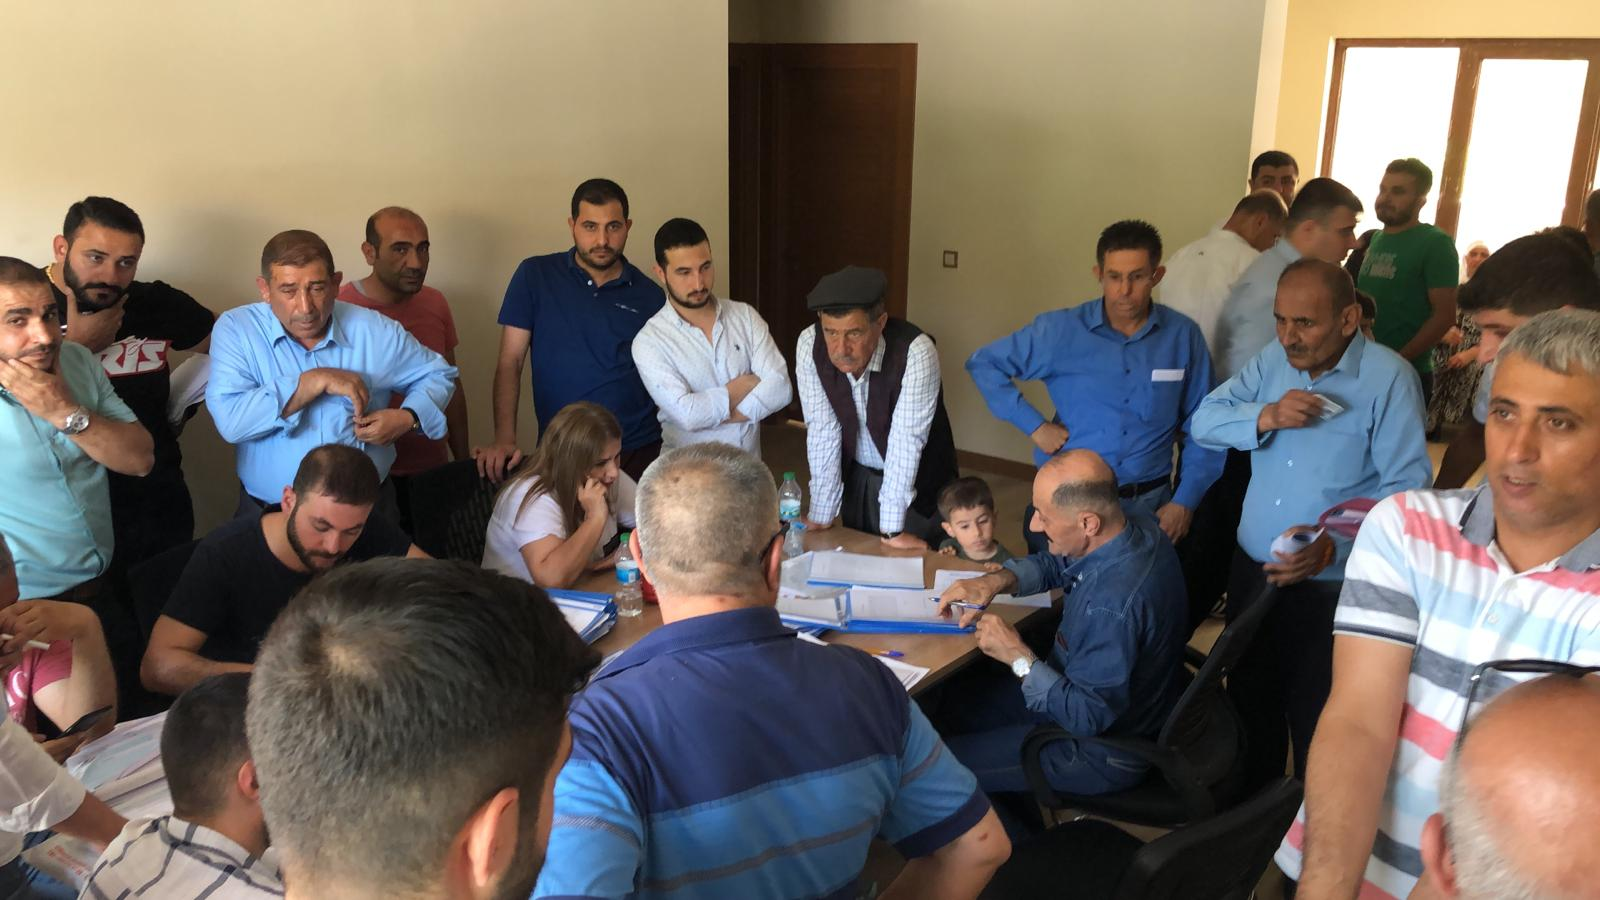 Şırnak İli Cizre İlçesinde terör olayları neticesinde evleri ağır hasar gören vatandaşlara Çevre ve Şehircilik Bakanlığı tarafından 5. Etapta yapılan konutlar hak sahiplerine dağıtıldı.